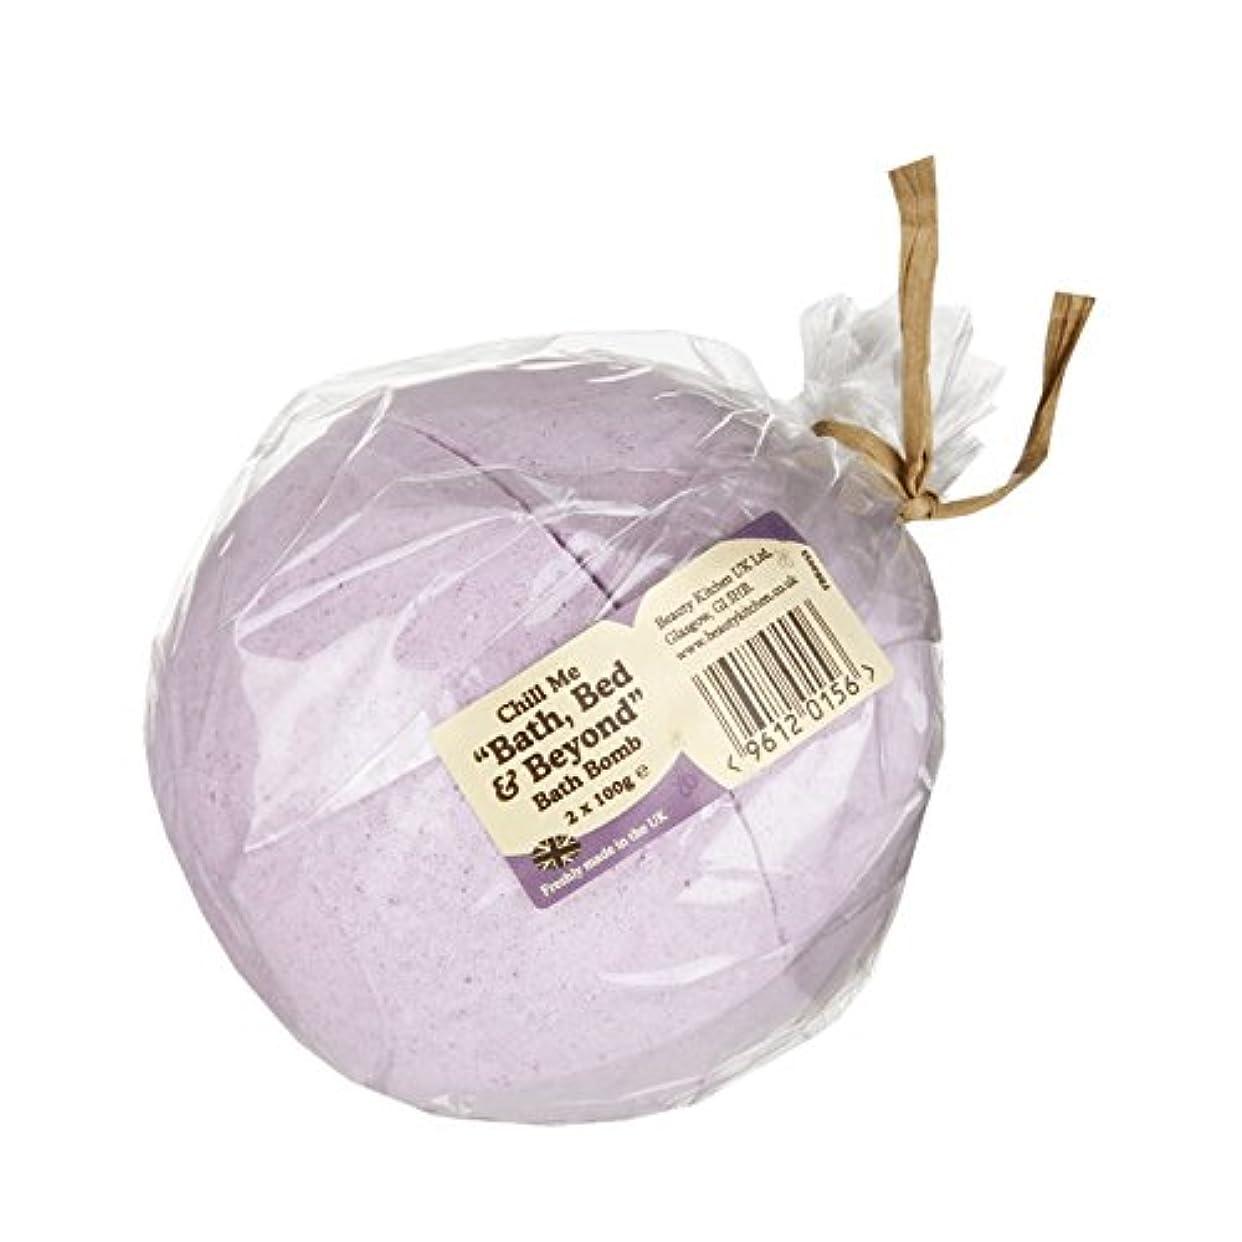 プレーヤー多くの危険がある状況リース美しさのキッチンには、バスタブ、ベッド&バス爆弾2×100グラムを超えて私を冷やします - Beauty Kitchen Chill Me Bath, Bed & Beyond Bath Bomb 2 x 100g (Beauty...